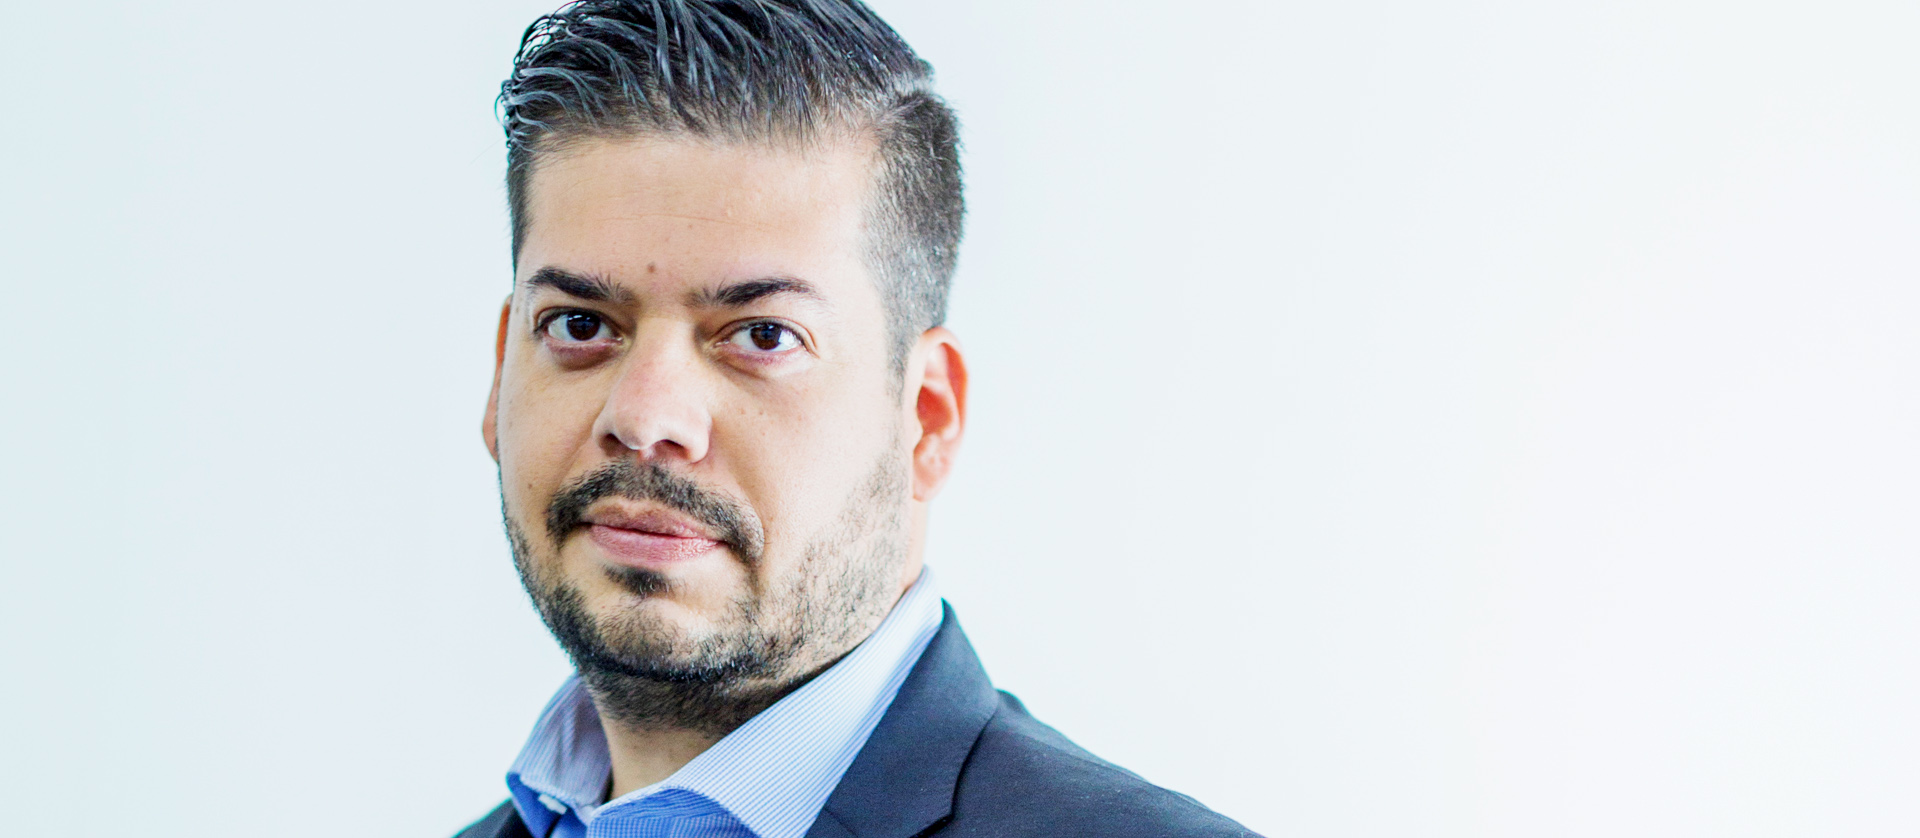 Carlos Gútierrez Portrait